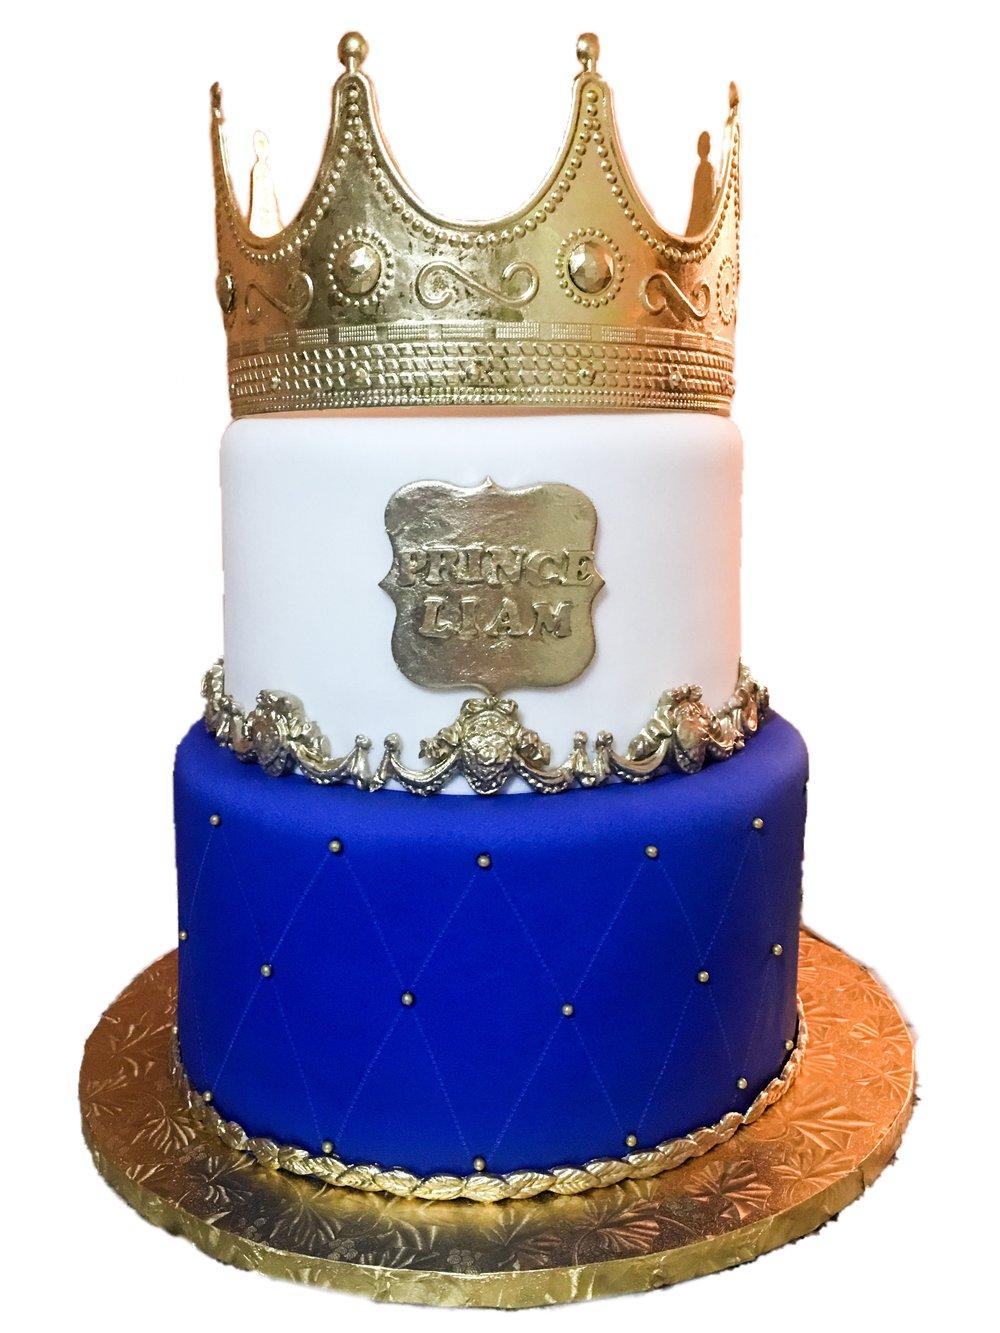 Royal Prince cake